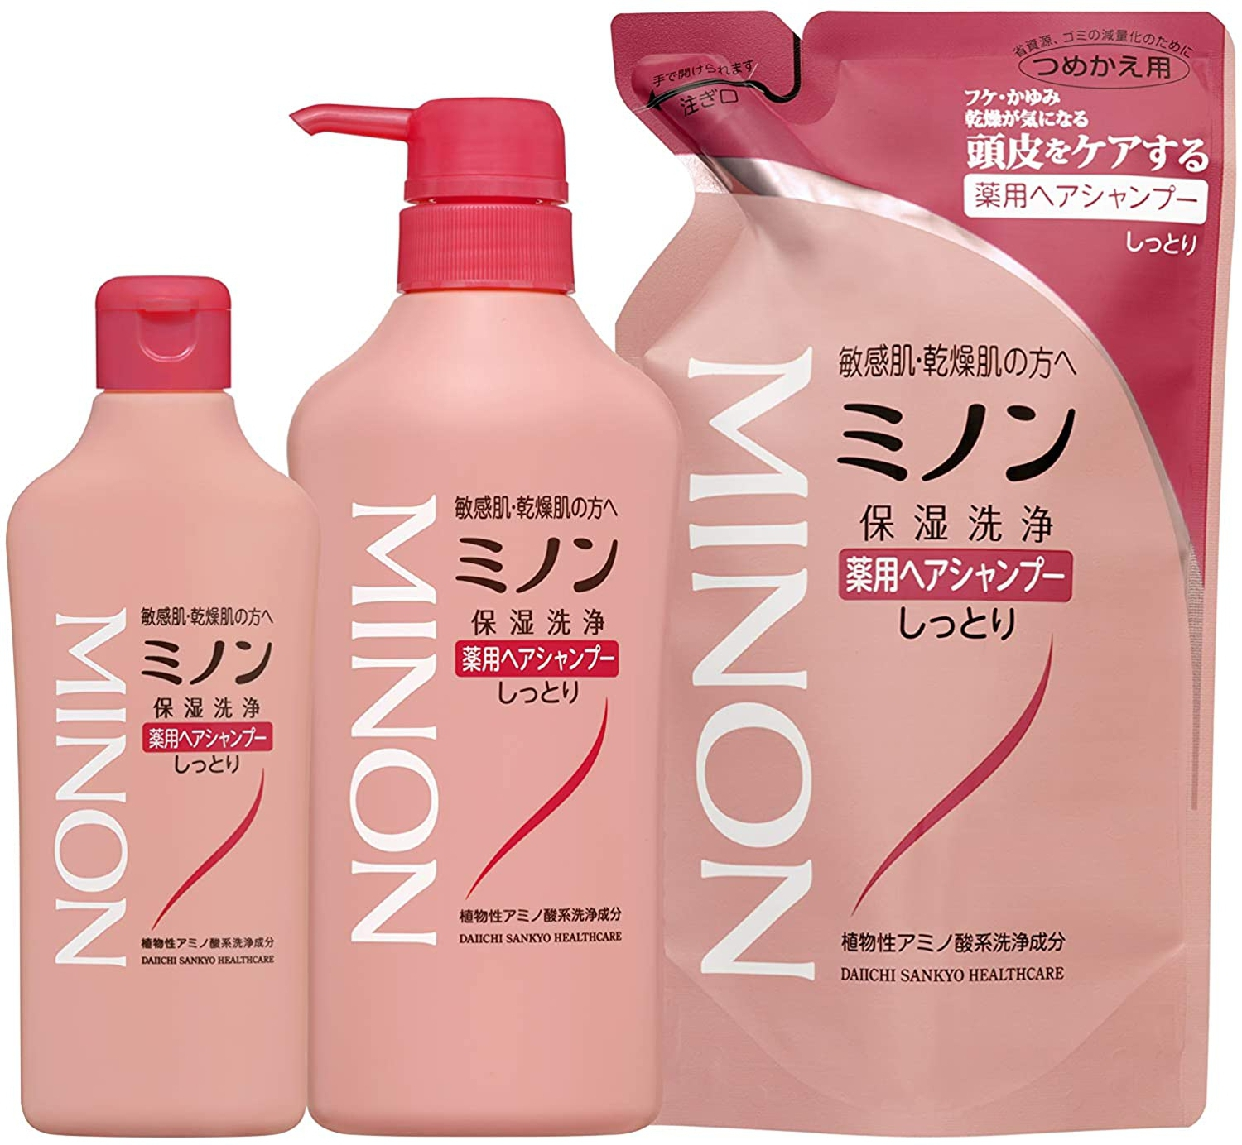 MINON(ミノン) 薬用ヘアシャンプーの商品画像12